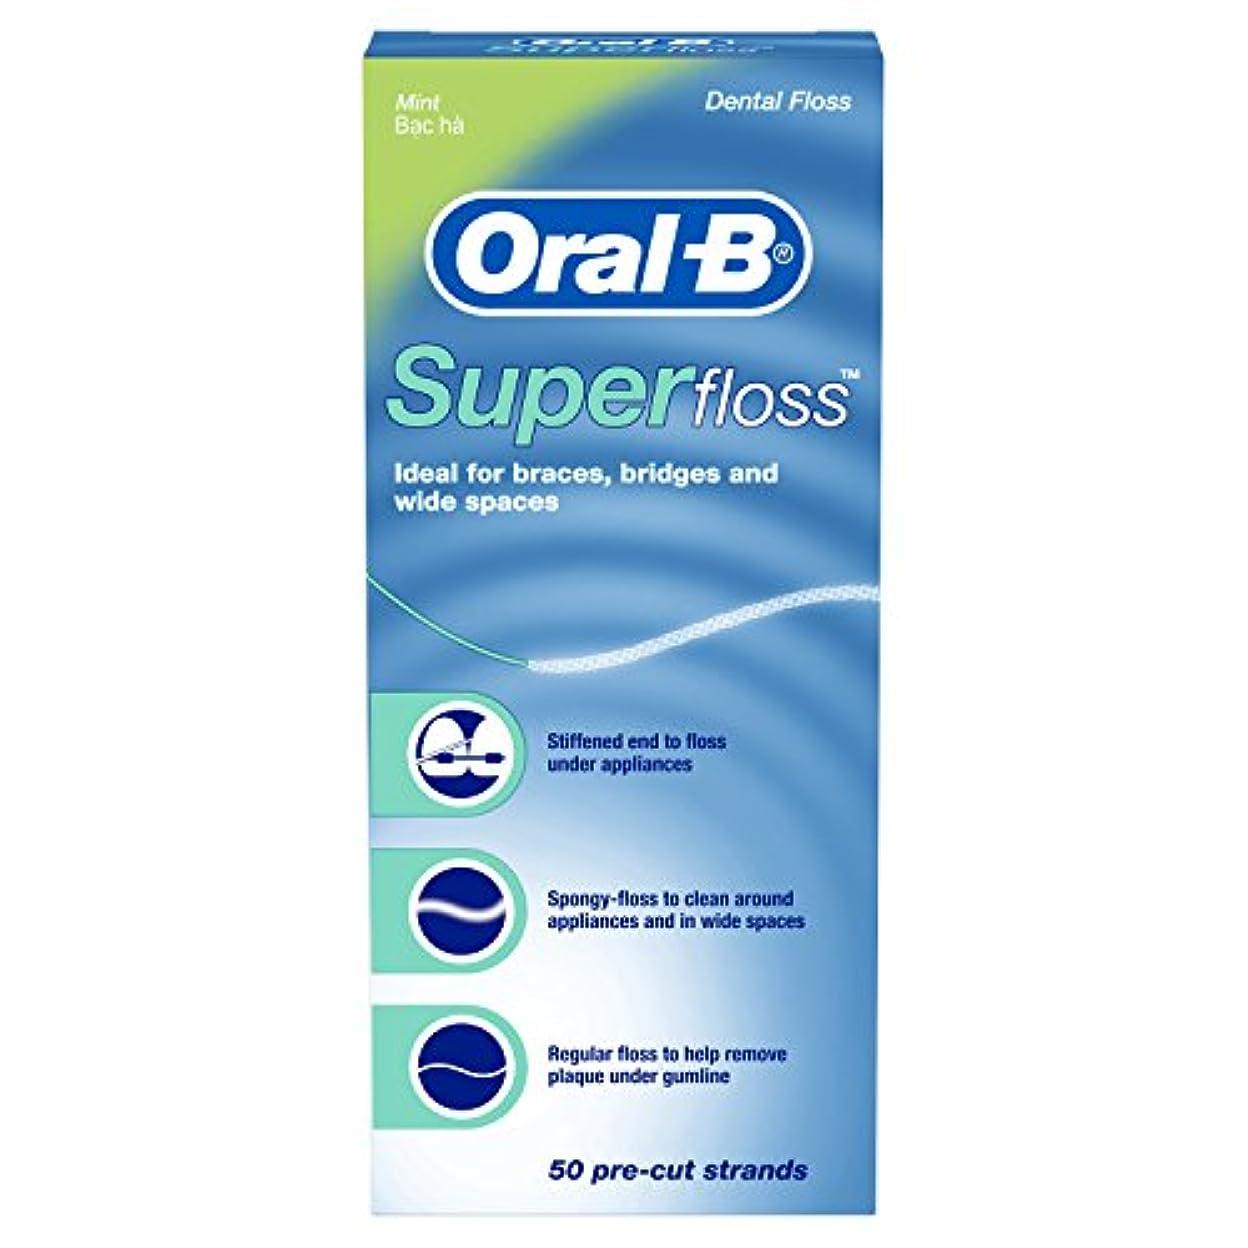 六分儀スマイル取得するOral-B Super Floss Dental Floss Mint Strips 50-Count (並行輸入品)